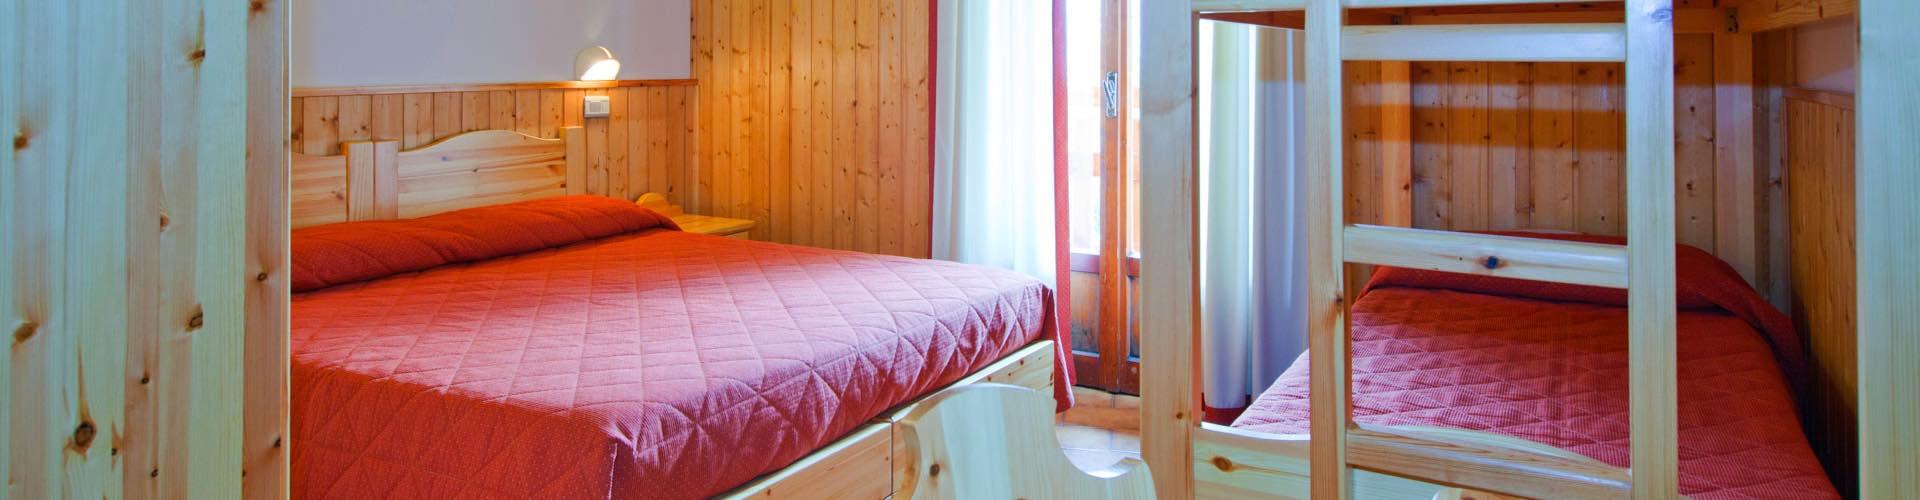 GG hotel spiazzi di gromo.1